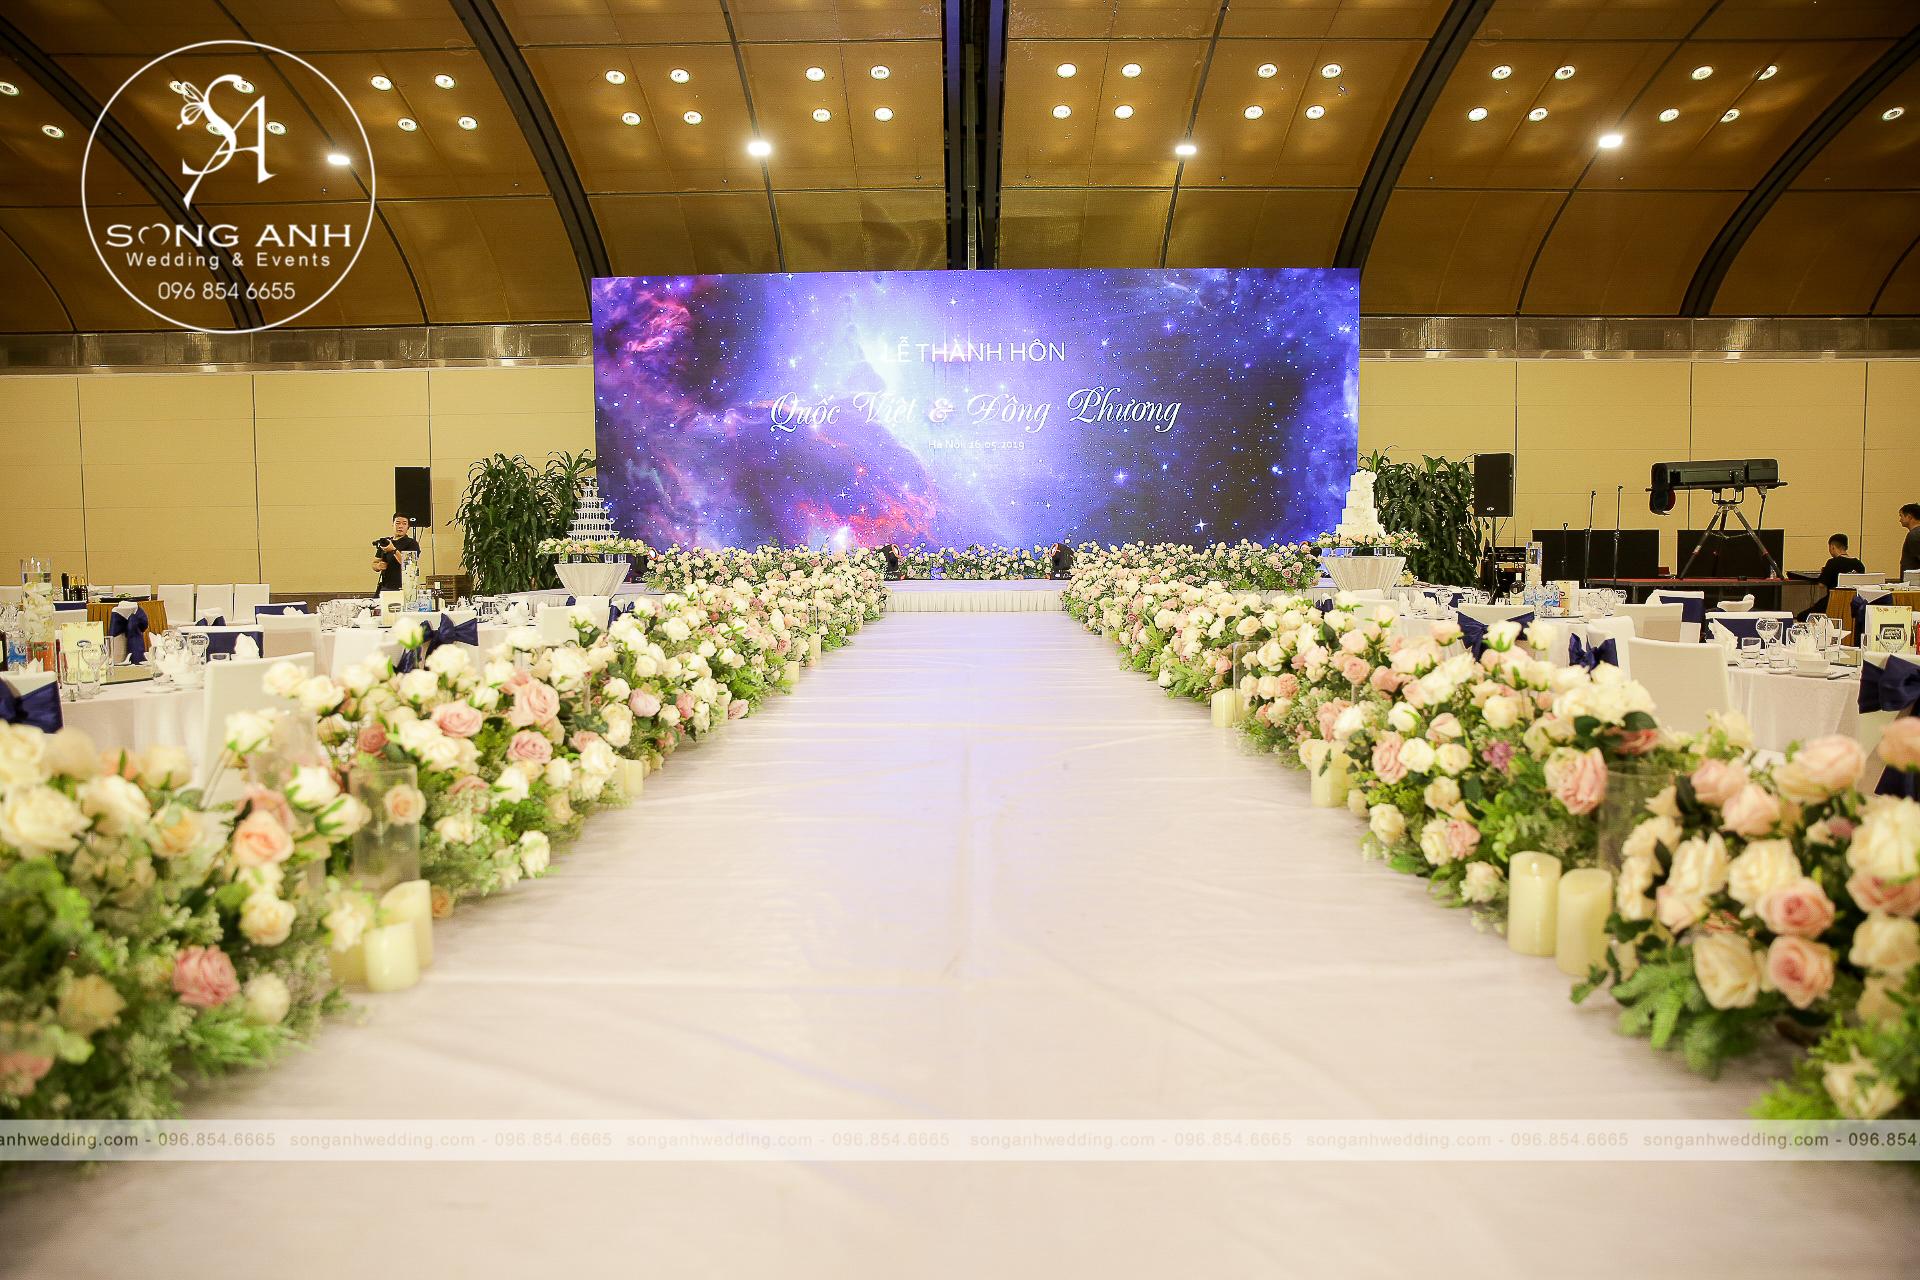 chi phí tổ chức tiệc cưới tại nhà hàng khách sạn